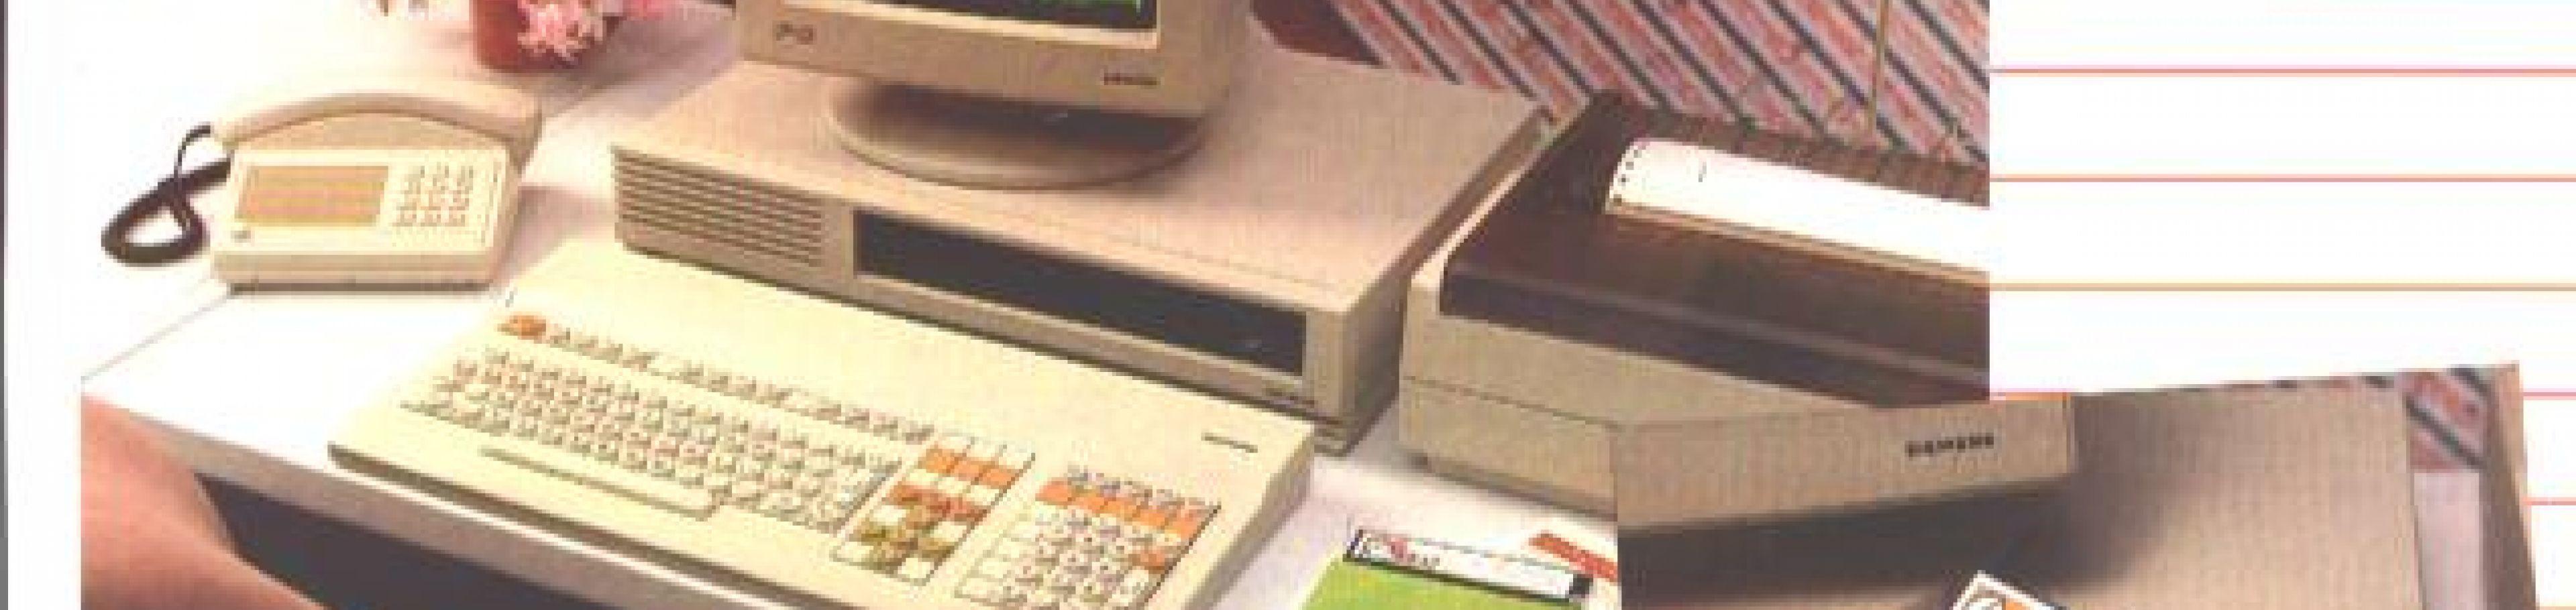 40 Jahre Grutzeck-Software: AGTEXT - Text- und Informationsverarbeitung